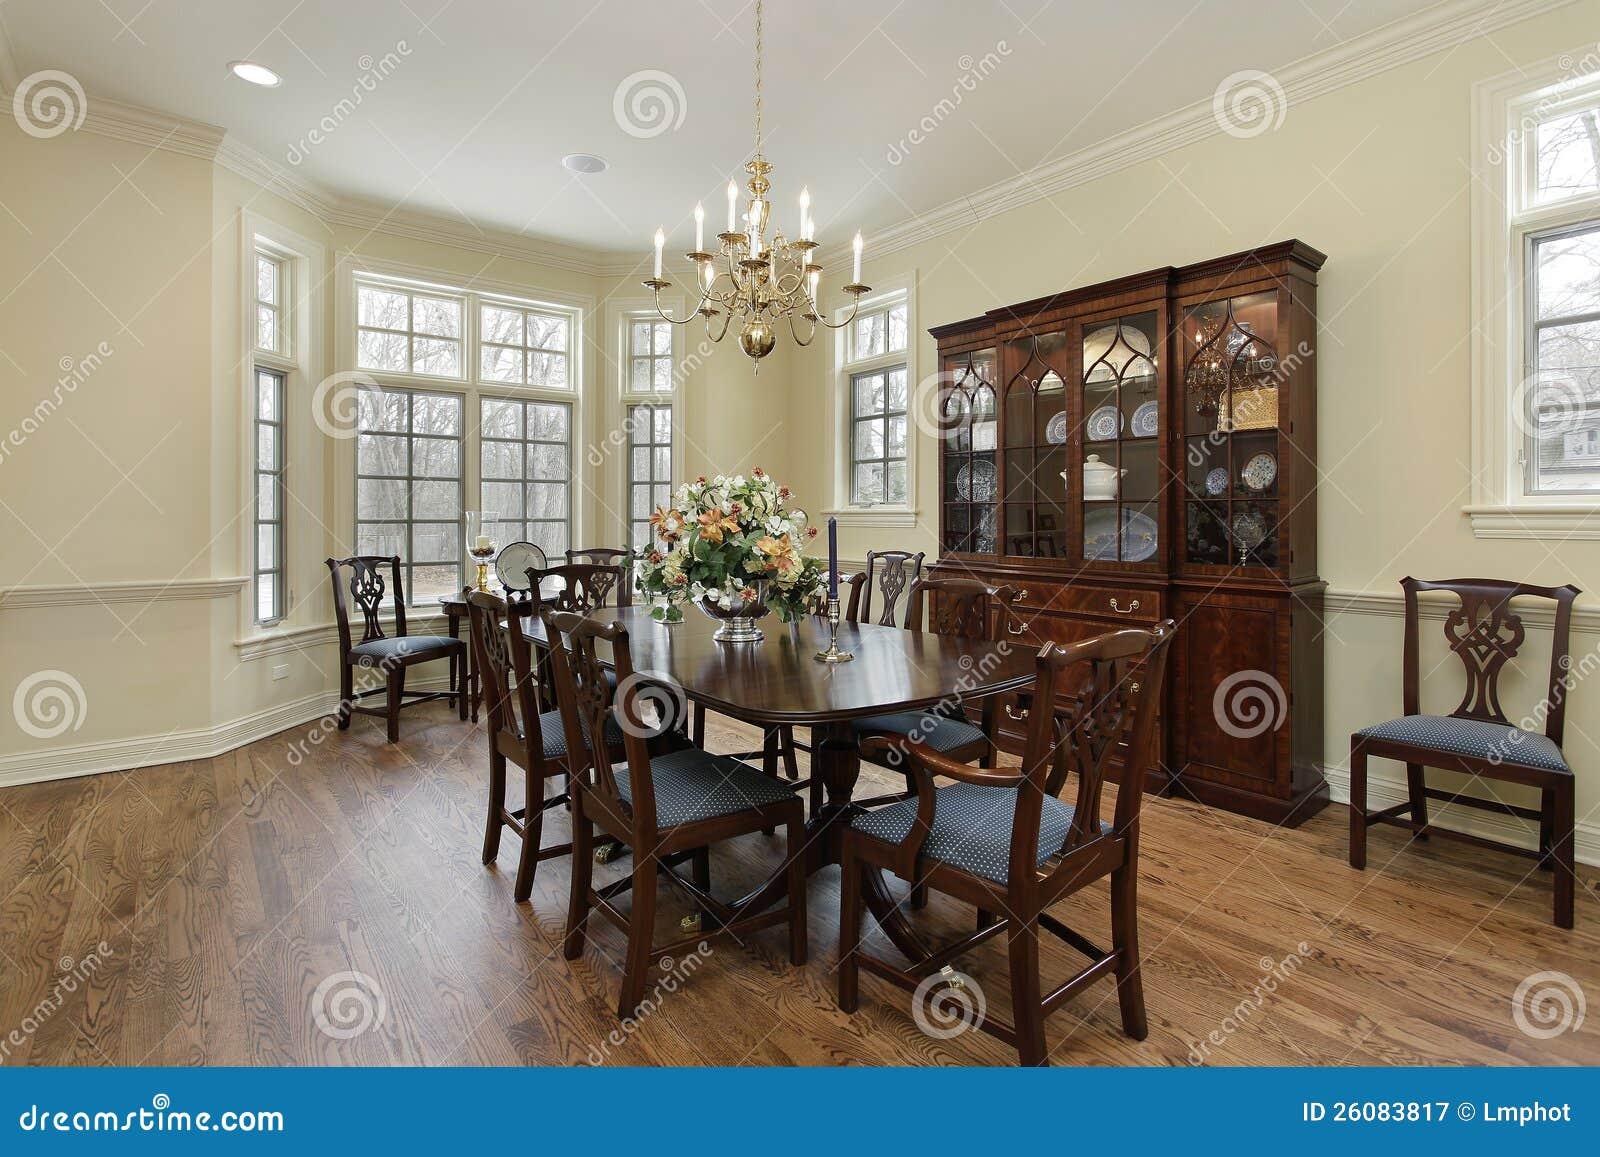 Eetkamer met room gekleurde muren royalty vrije stock fotografie afbeelding 26083817 - Eetkamer eetkamer ...